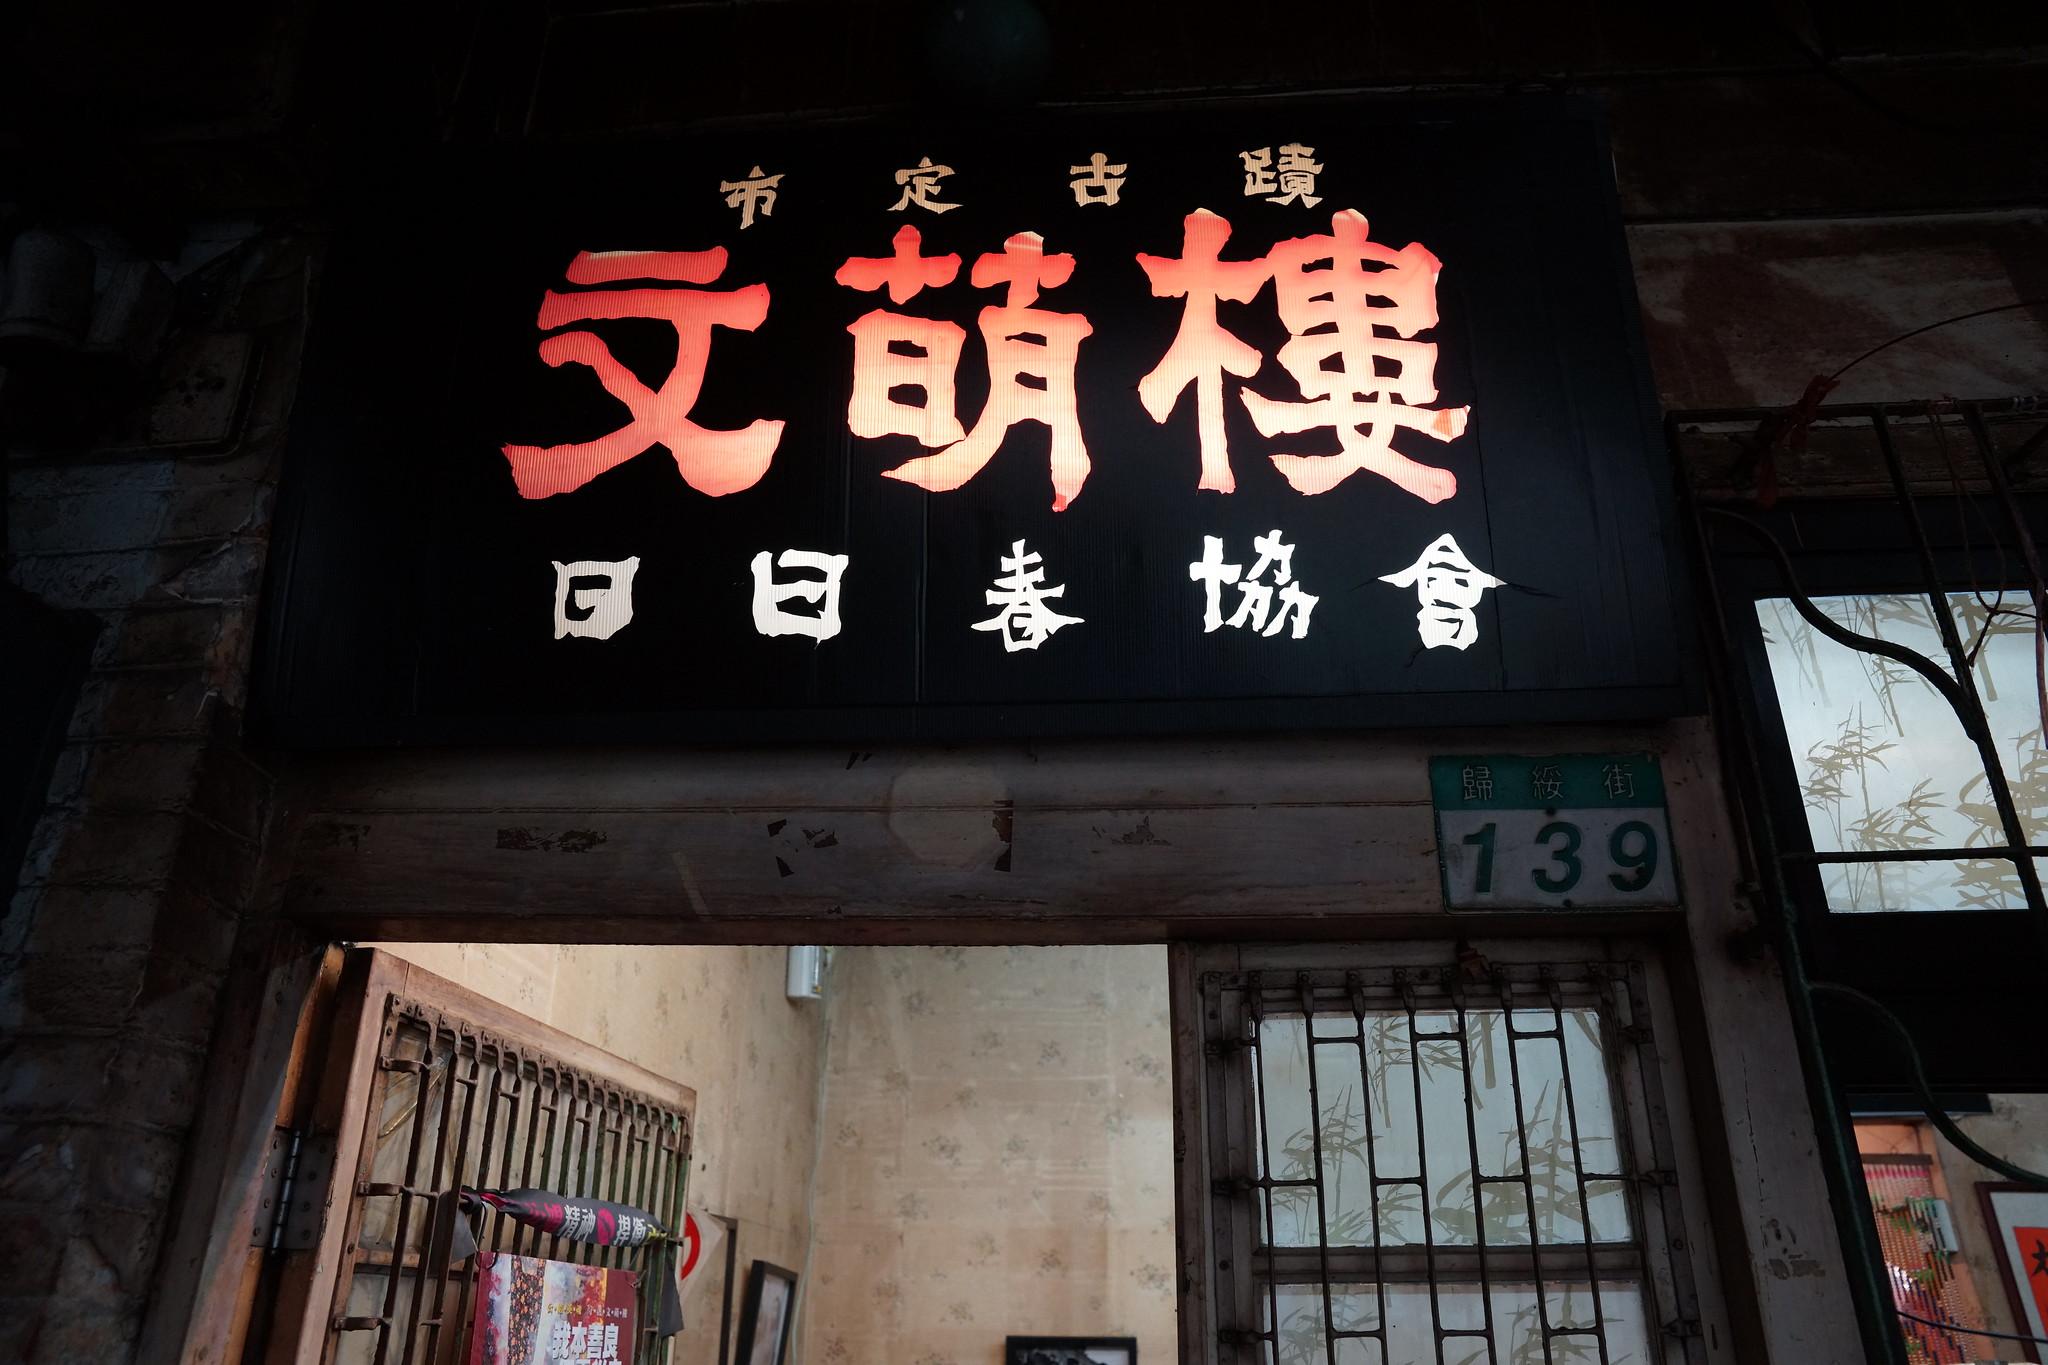 老公娼館文萌樓被指定為古蹟,但承載妓運歷史的日日春卻即將面臨迫遷。(攝影:王顥中)